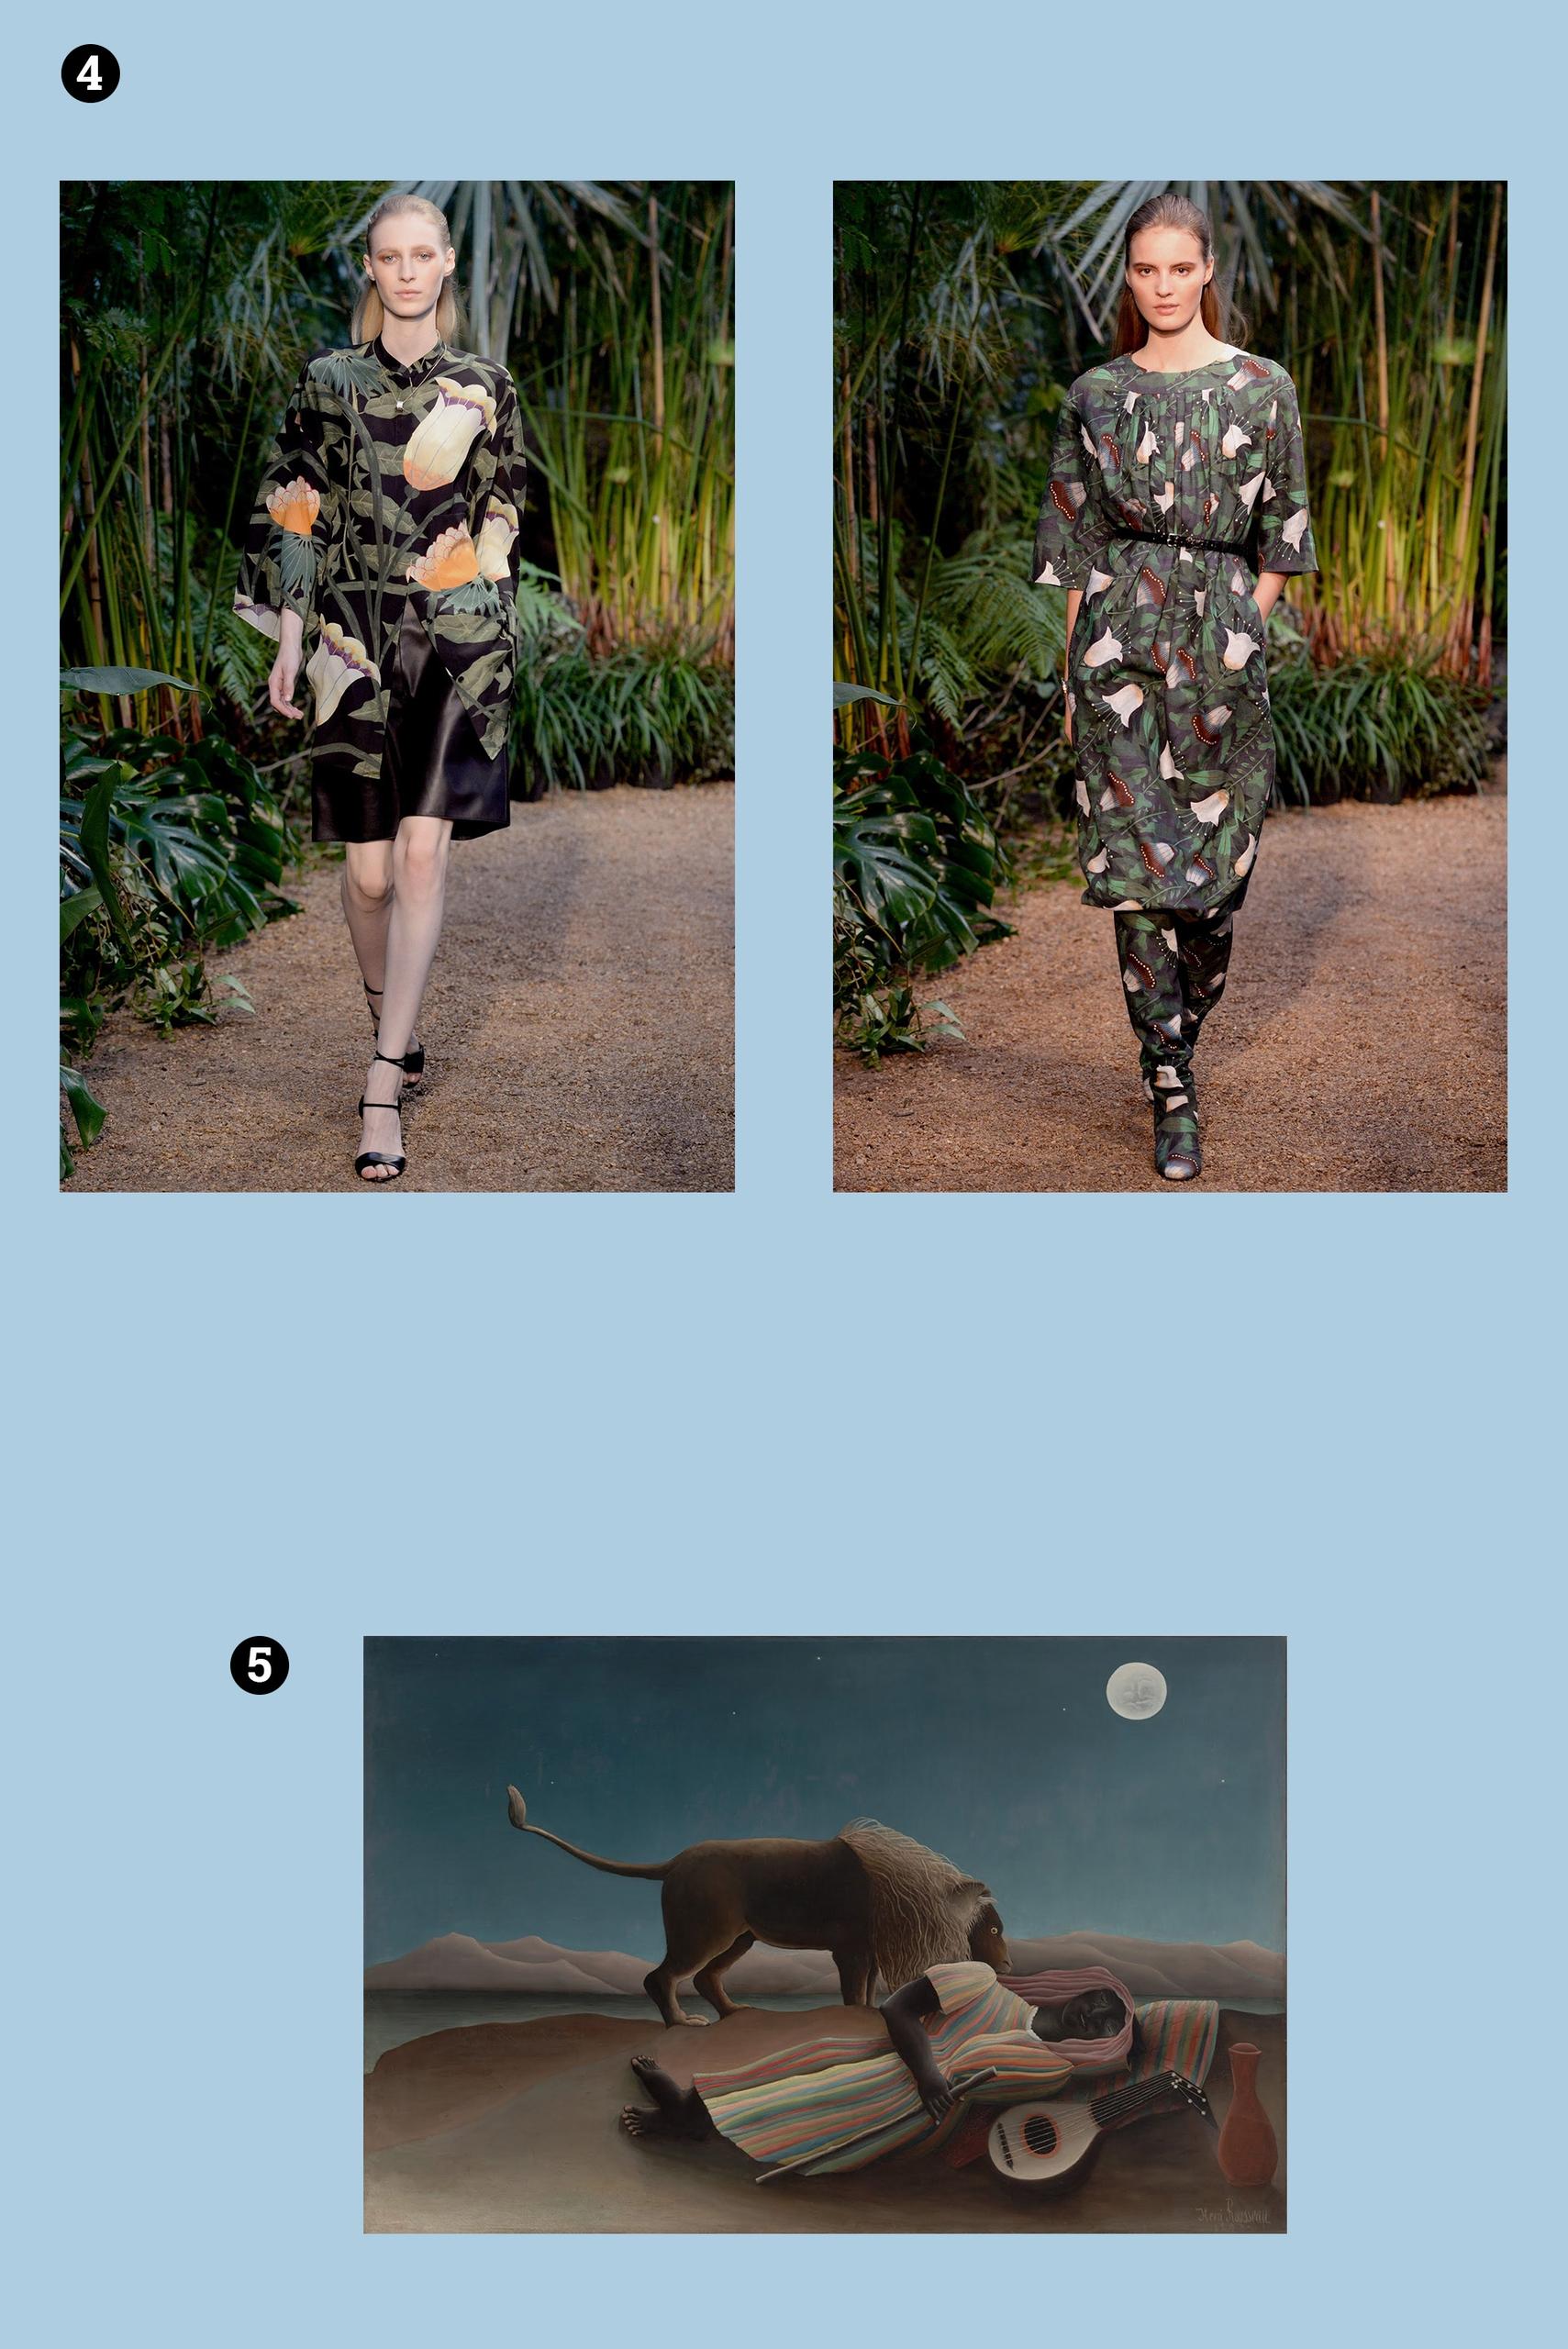 Obraz przedstawia trzy zdjęcia. Na dwóch z nich widzimy modelki w strojach na wybiegu. Na pozostałym widzimy obraz znanego artysty. Całość na jasno-niebieskim tle.